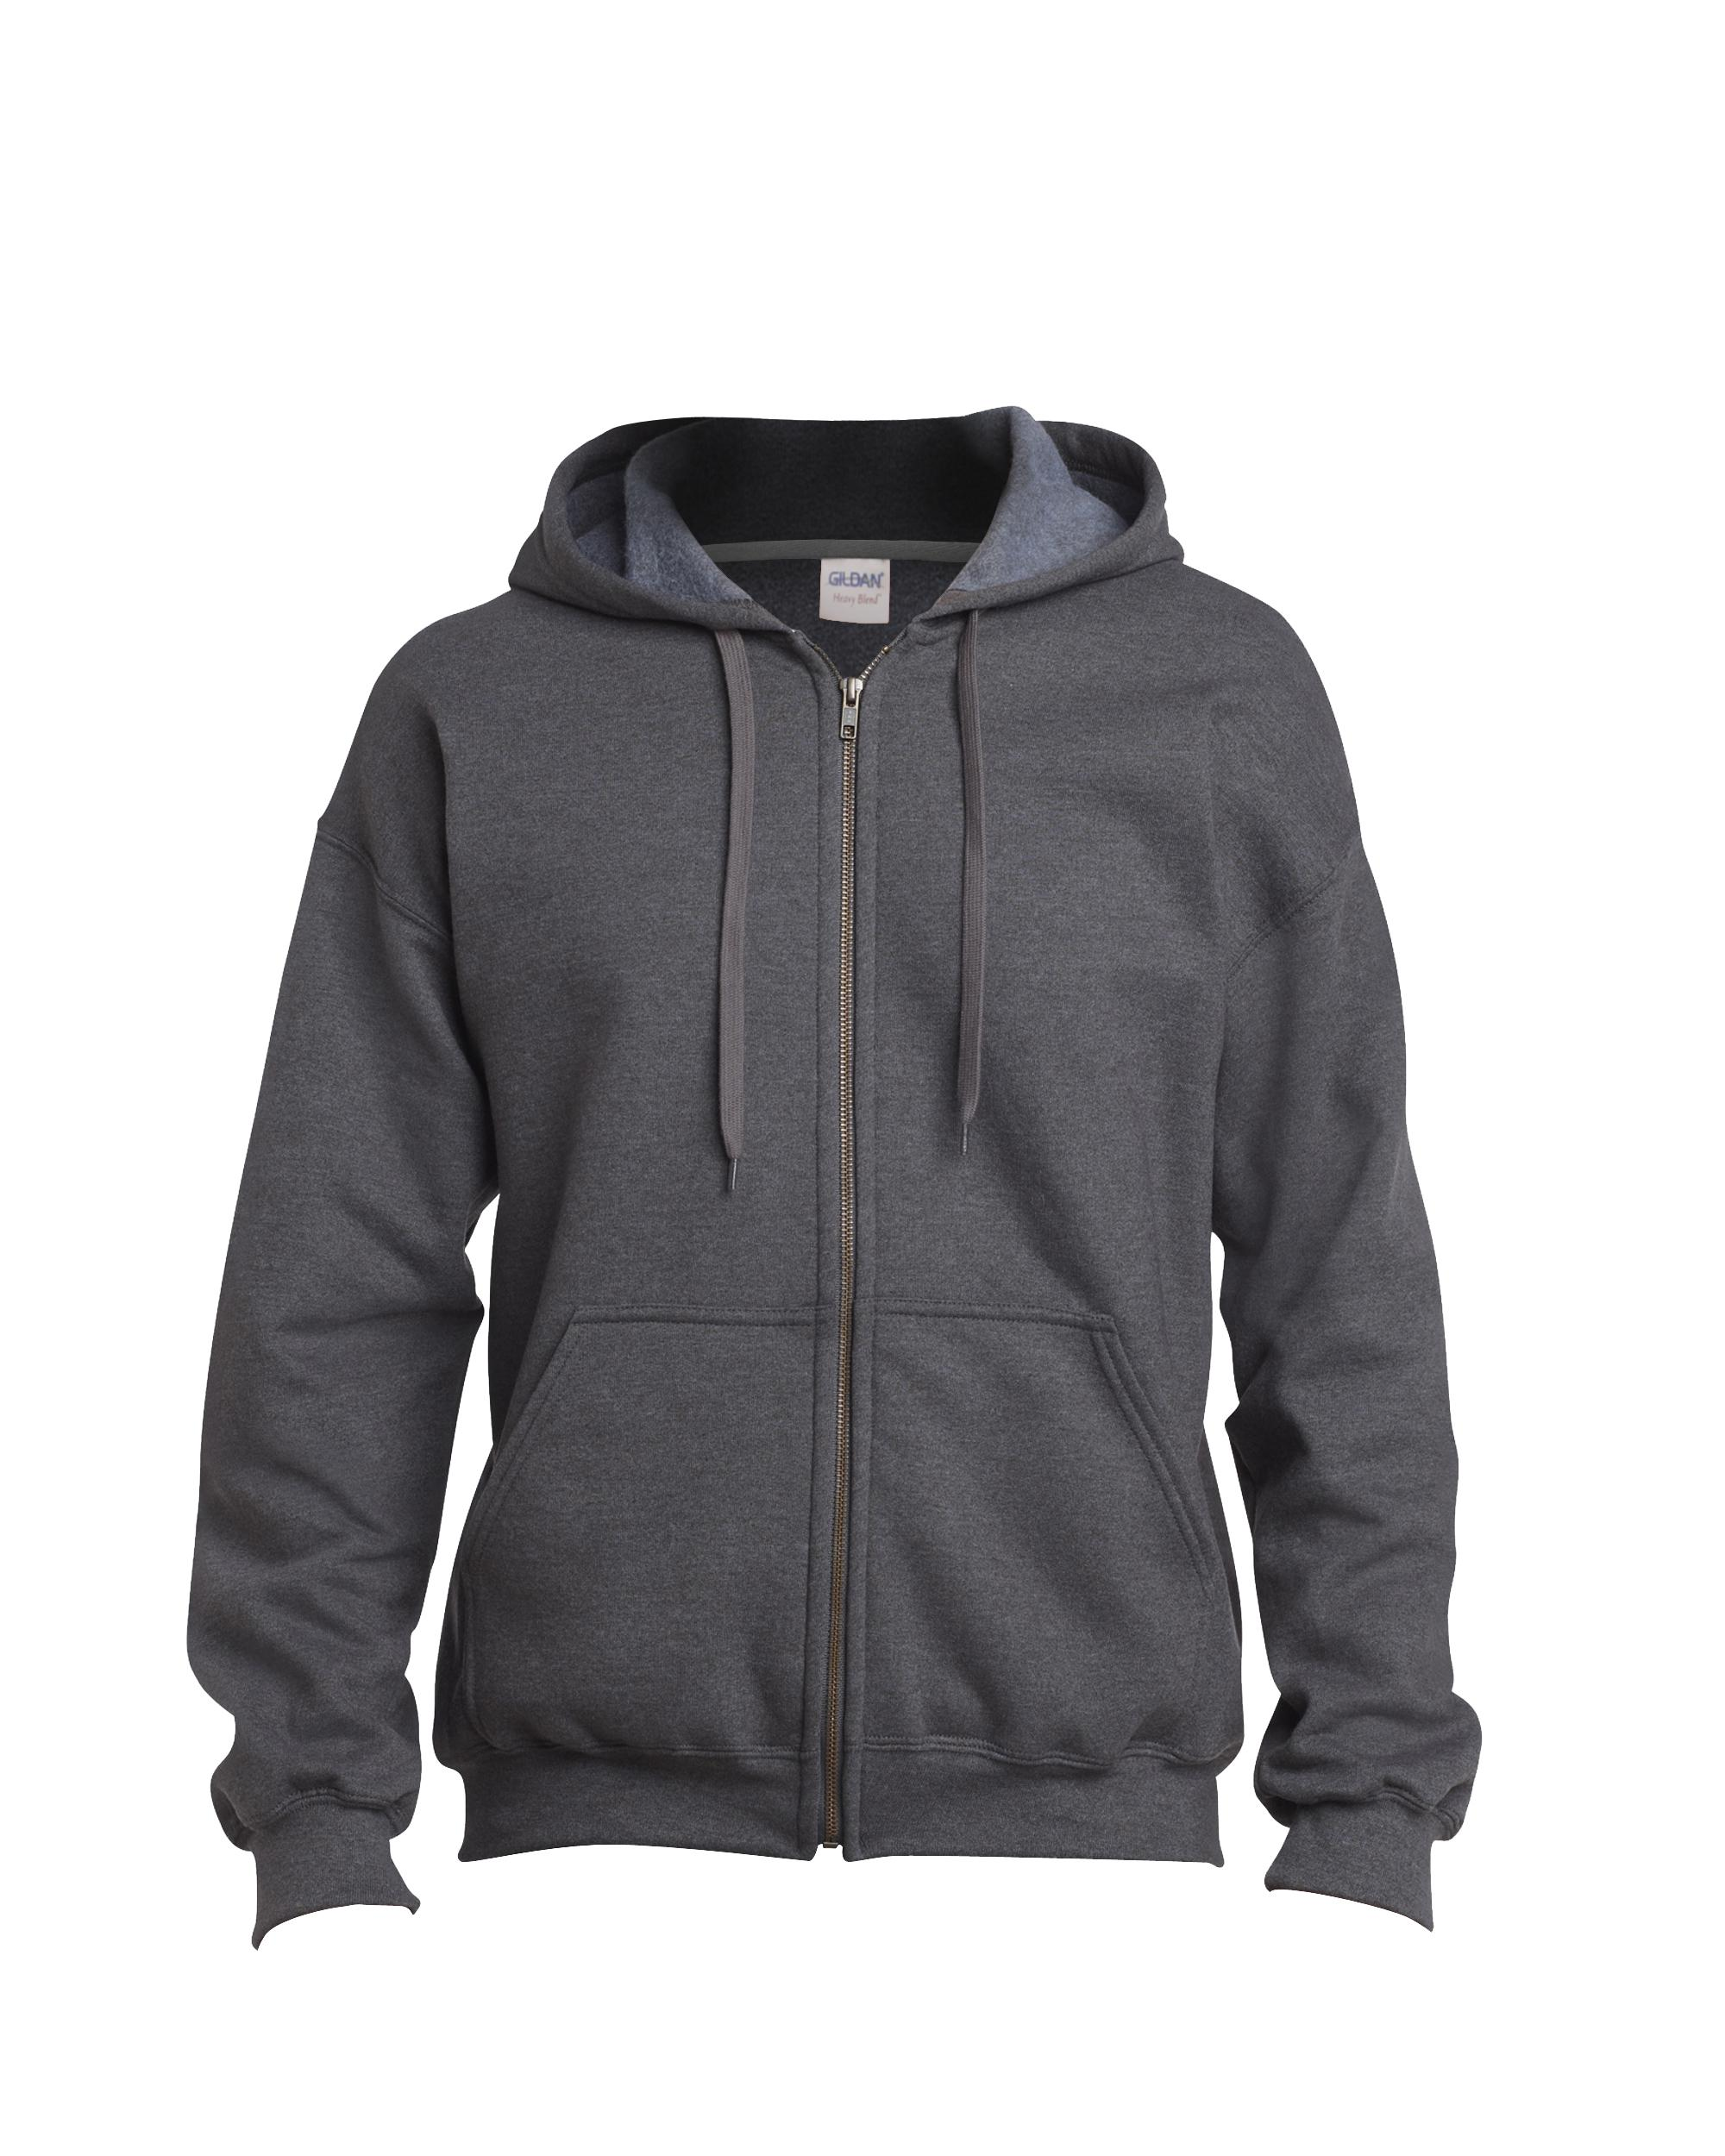 Gildan Heavy Blend Adult Vintage Full Zip Hooded